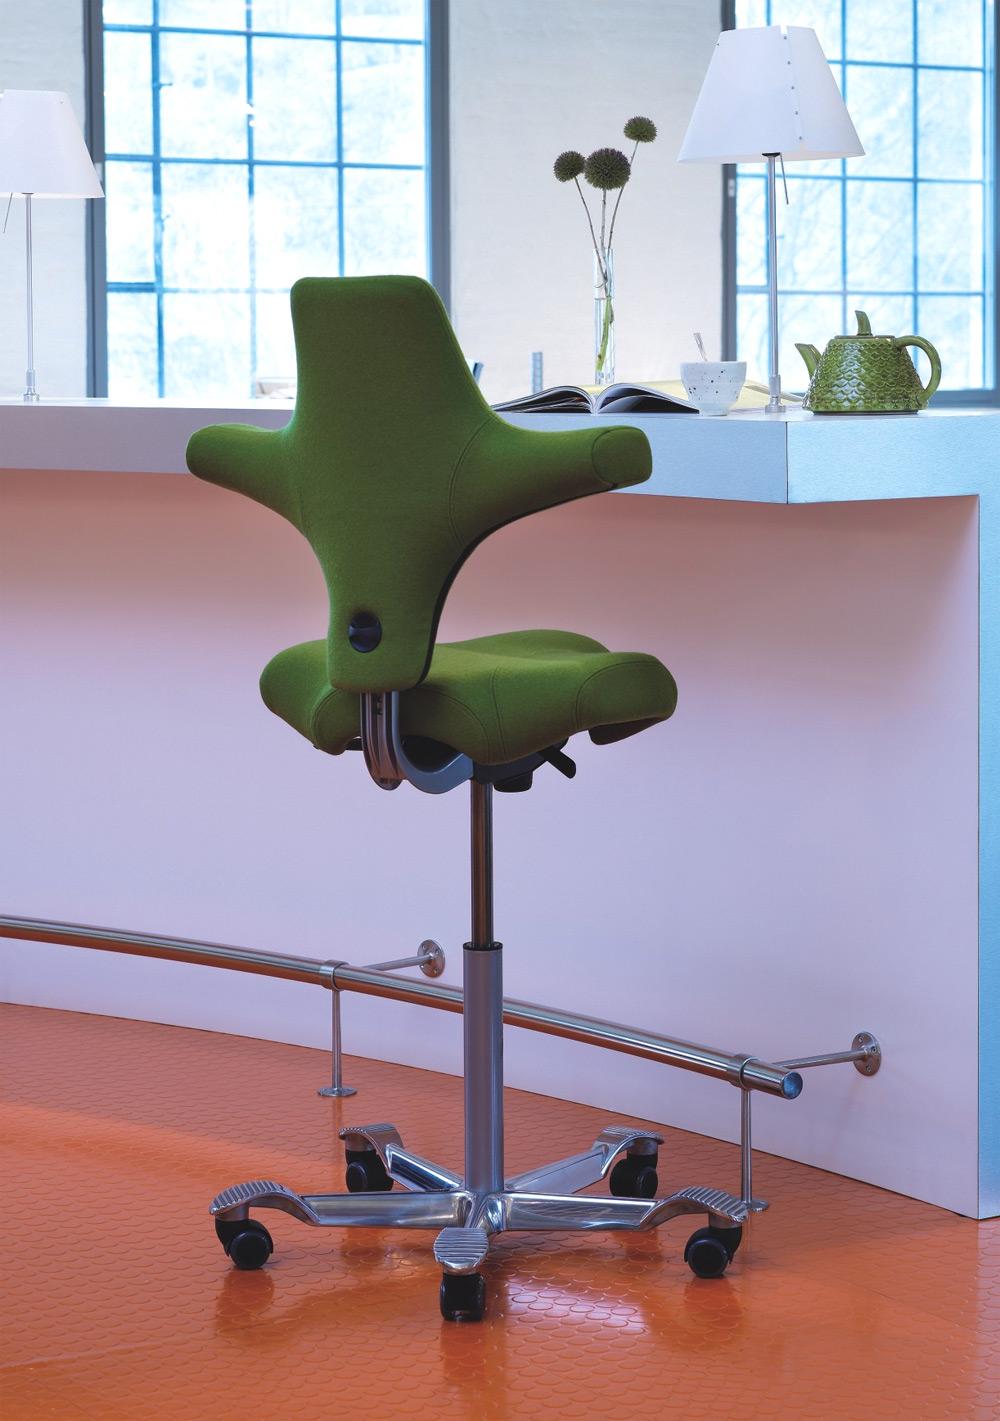 Hag Sedie Per Ufficio.Le 10 Migliori Sedie Ergonomiche Da Ufficio Di Sempre